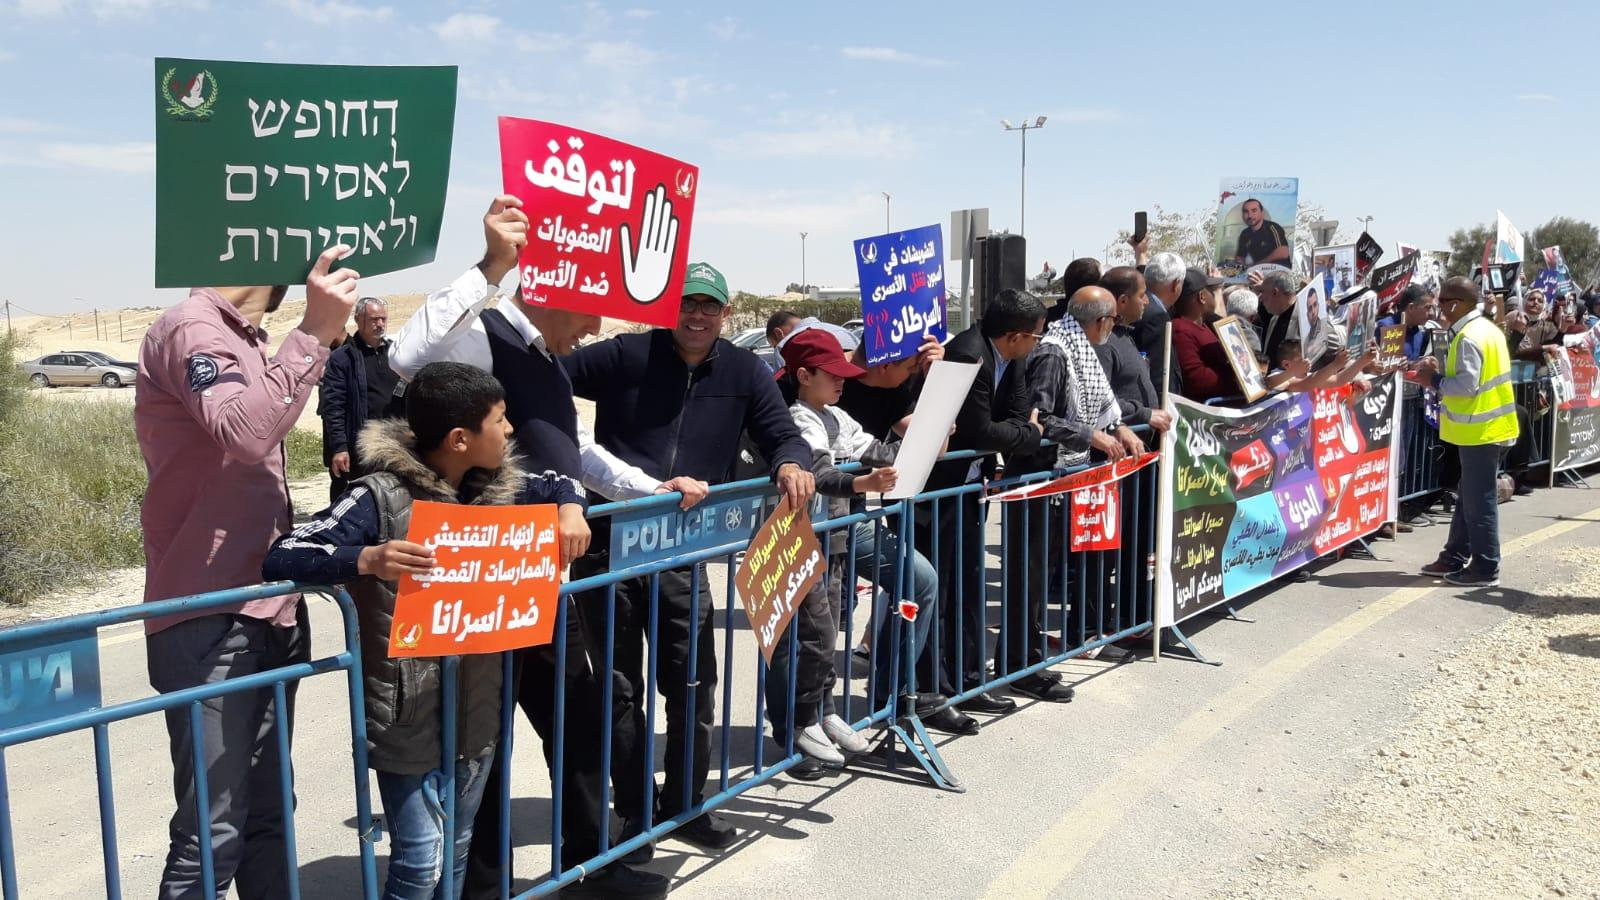 وقفة نصرة وإسناد للأسرى أمام سجن النقب الصحراوي